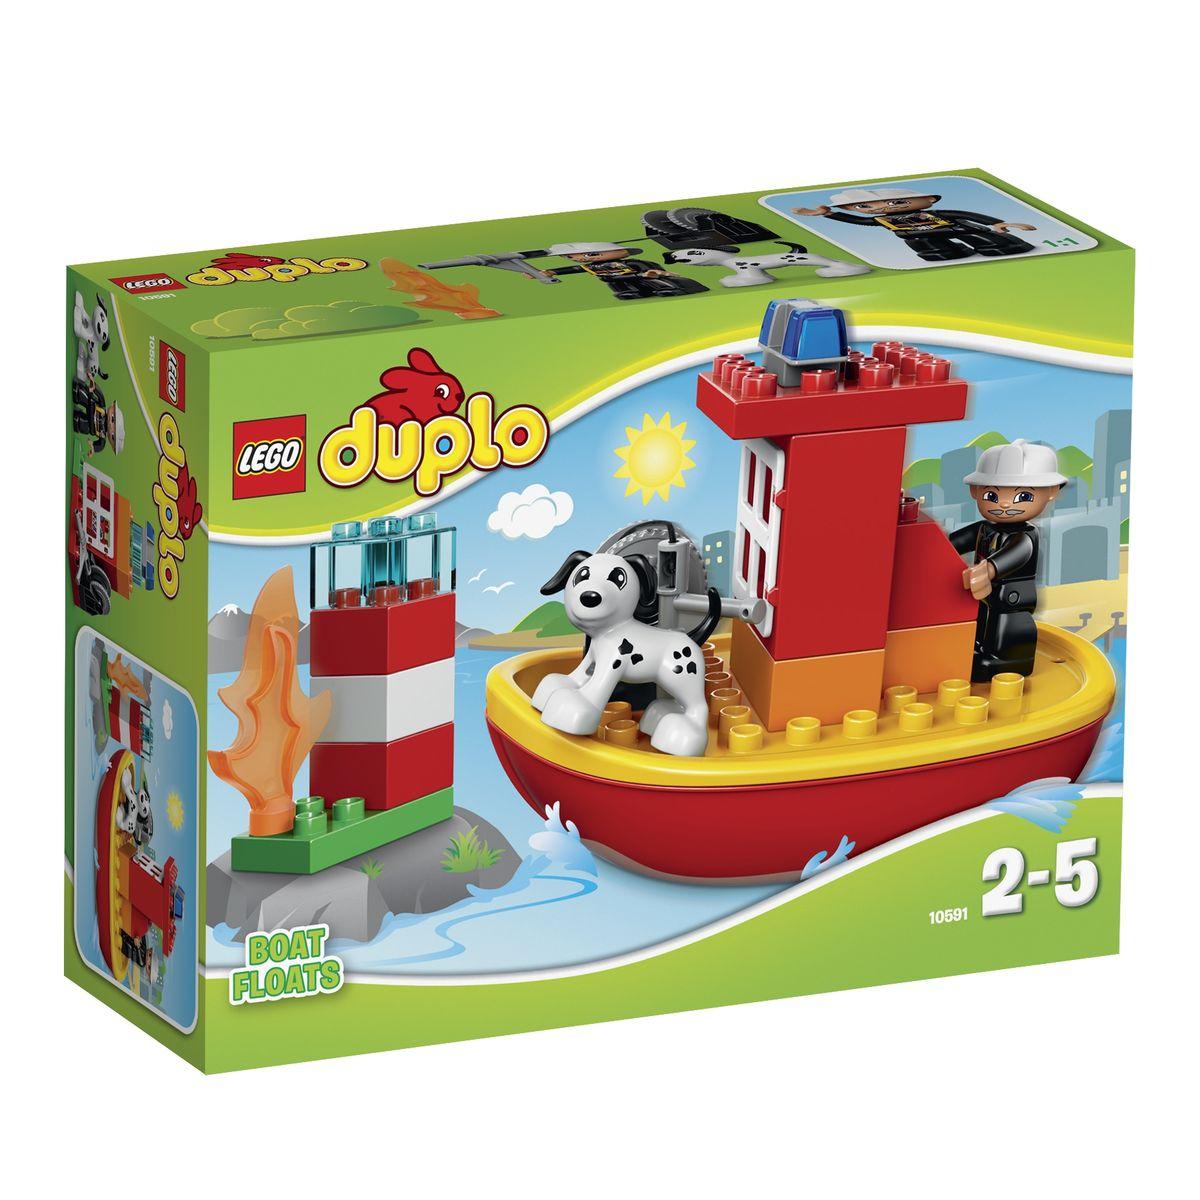 LEGO DUPLO Конструктор Пожарный катер 1059110591Бесстрашный пожарный и его верный пес патрулируют морскую гавань. Вдруг, вдалеке, они замечают языки пламени. Это горит маяк! Включив сигнальные огни, герои направляют свой скоростной катер в сторону возгорания. Прибыв на место и надев защитную каску, пожарный разматывает водонапорный шланг и направляет струю воды в сторону пламени. Через мгновение пожар потушен, и работа маяка восстановлена. Из деталей набора LEGO DUPLO малыш сможет построить красный пожарный катер, способный плавать по воде и выполнять множество спасательных миссий. Благодаря реалистичным элементам, таким как огонь, сигнальные огни, приборная панель катера и пожарный шланг игра станет занимательнее и интереснее. Игра с конструктором развивает мелкую моторику ребенка, фантазию и воображение, учит его усидчивости и внимательности. Рекомендуемый возраст: от 2 до 5 лет.